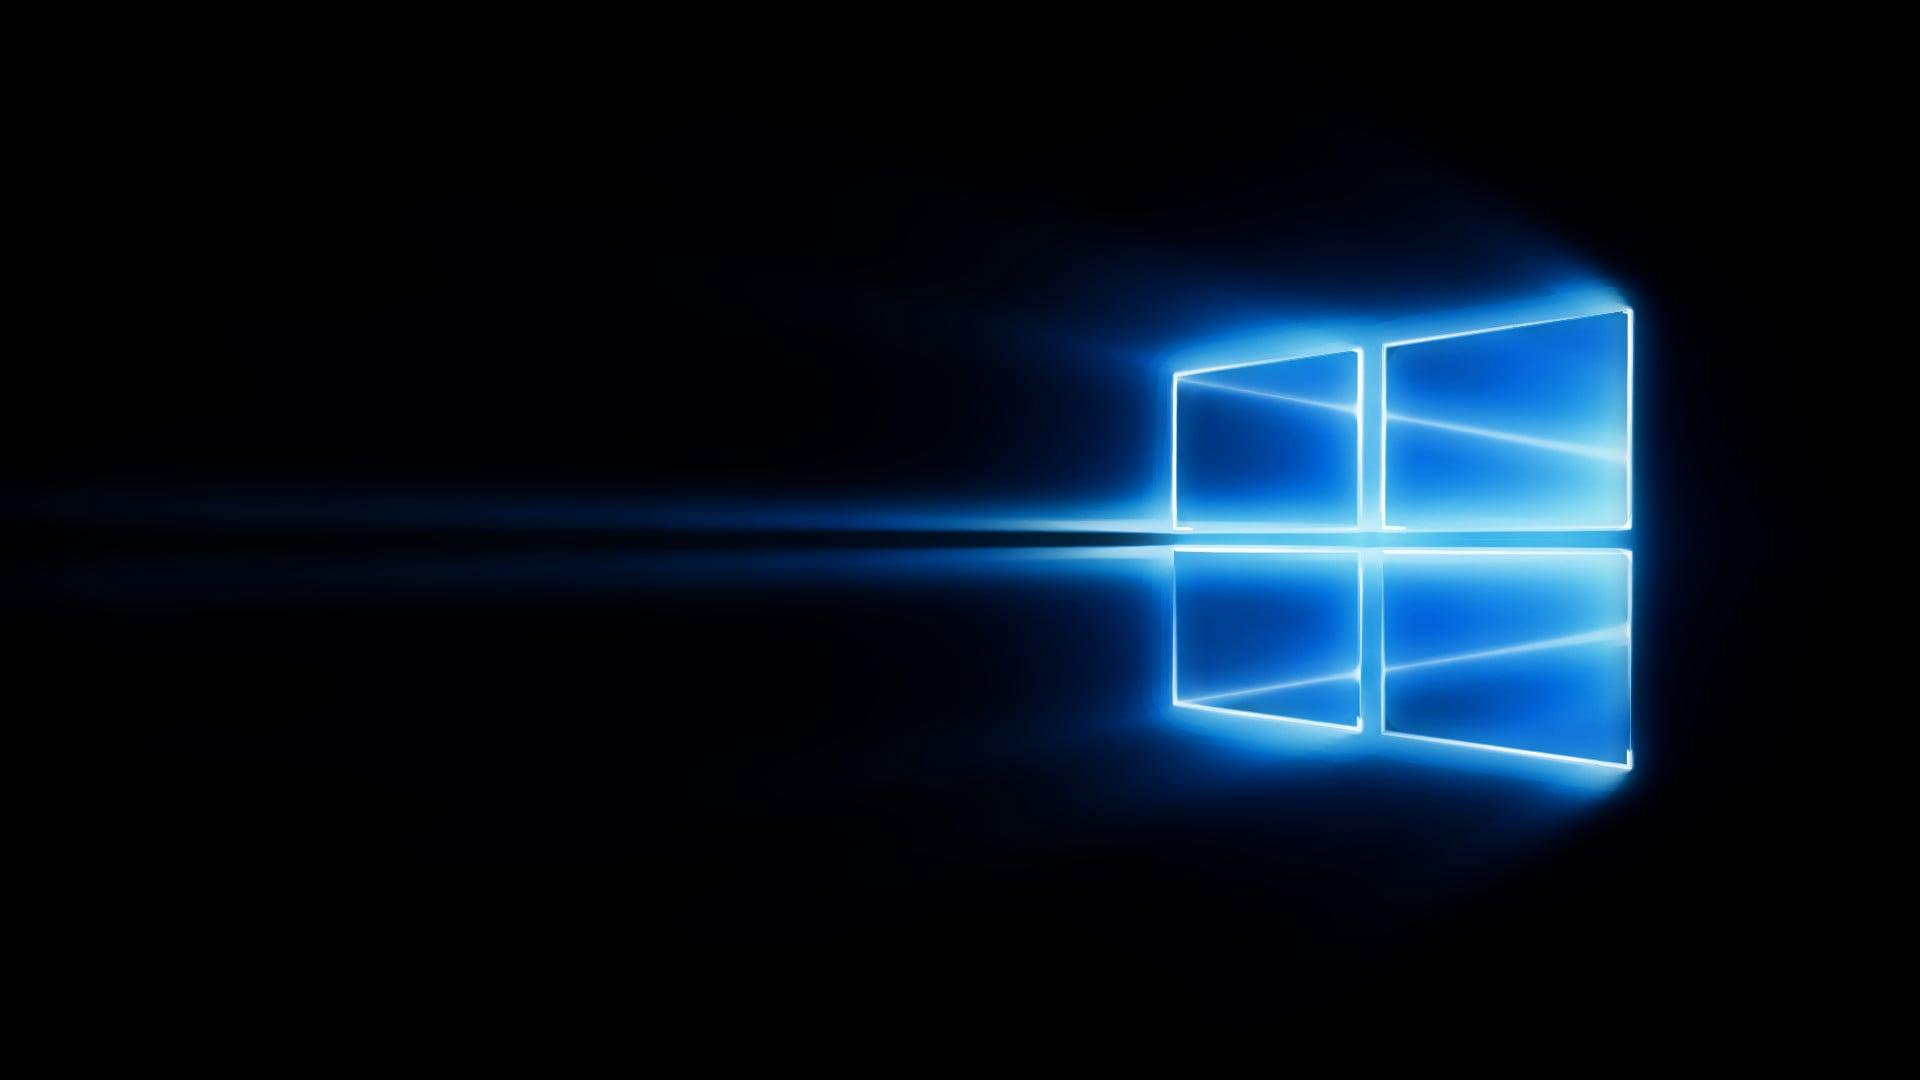 دانلود ویندوز ۱۰ اورجینال از سایت مایکروسافت | لایسنس قانونی